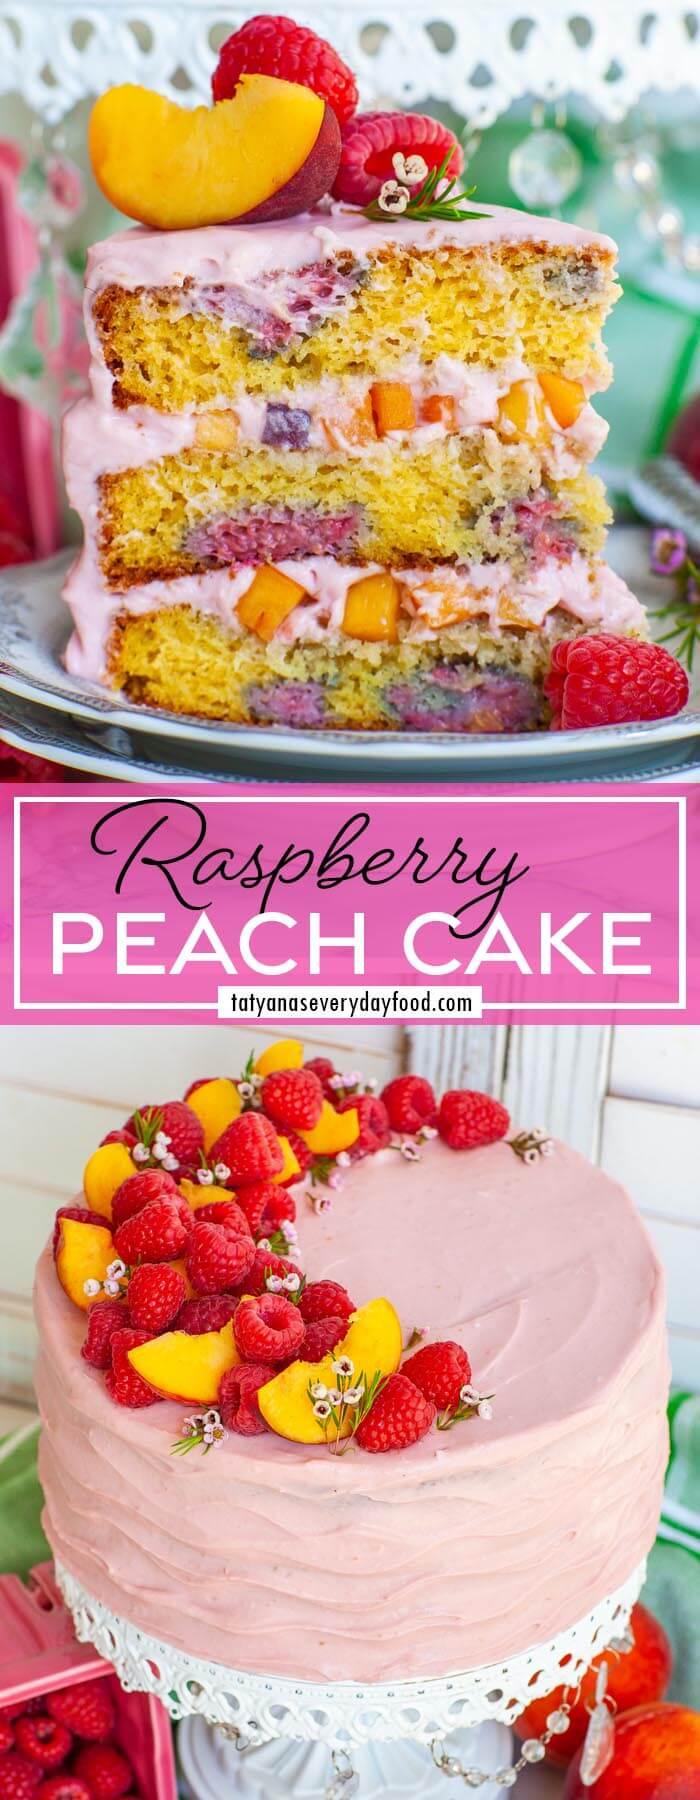 Raspberry Peach Cake Recipe video recipe